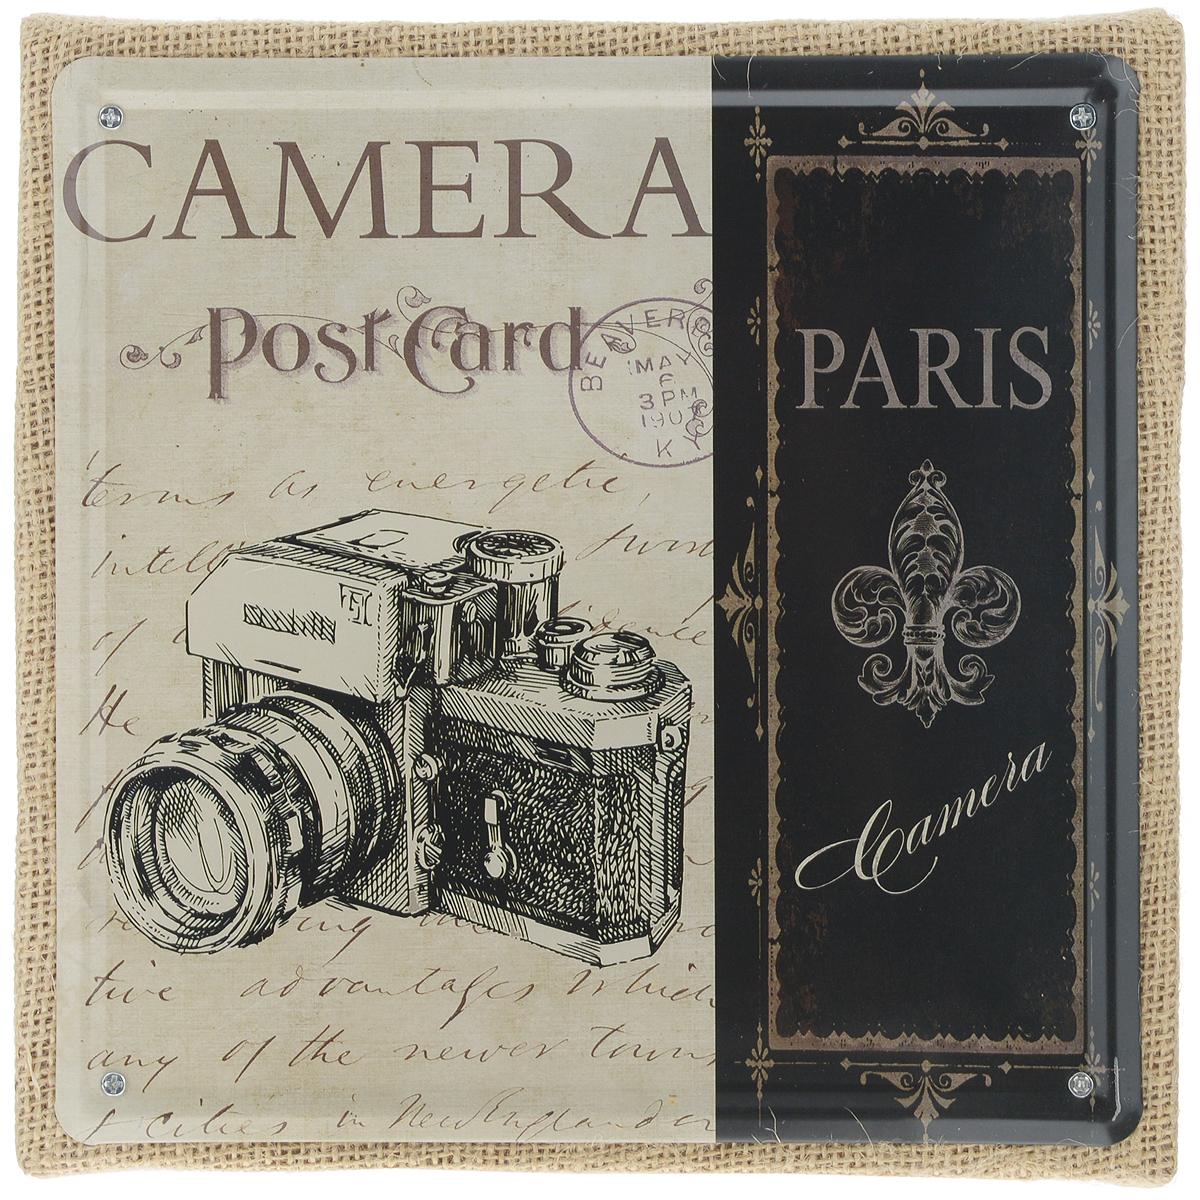 Постер в рамке Феникс-презент Фотоаппарат, 20 х 20 см37429Постер Феникс-презент Фотоаппарат выполнен из черного металла в рамке из МДФ, которая обтянута натуральным льном. На постере изображен старый фотоаппарат с надписями. Постер в раме заинтересует всех любителей оригинальных вещиц и доставит массу положительных эмоций своему обладателю. Из мелочей складывается стиль интерьера. Постер в рамке Феникс-презент Фотоаппарат одна из тех деталей, которые придают дому обжитой вид и создают ощущение уюта. Размер постера 20 см х 20 см. Размер с рамки: 21 см х 21 см х 2 см.